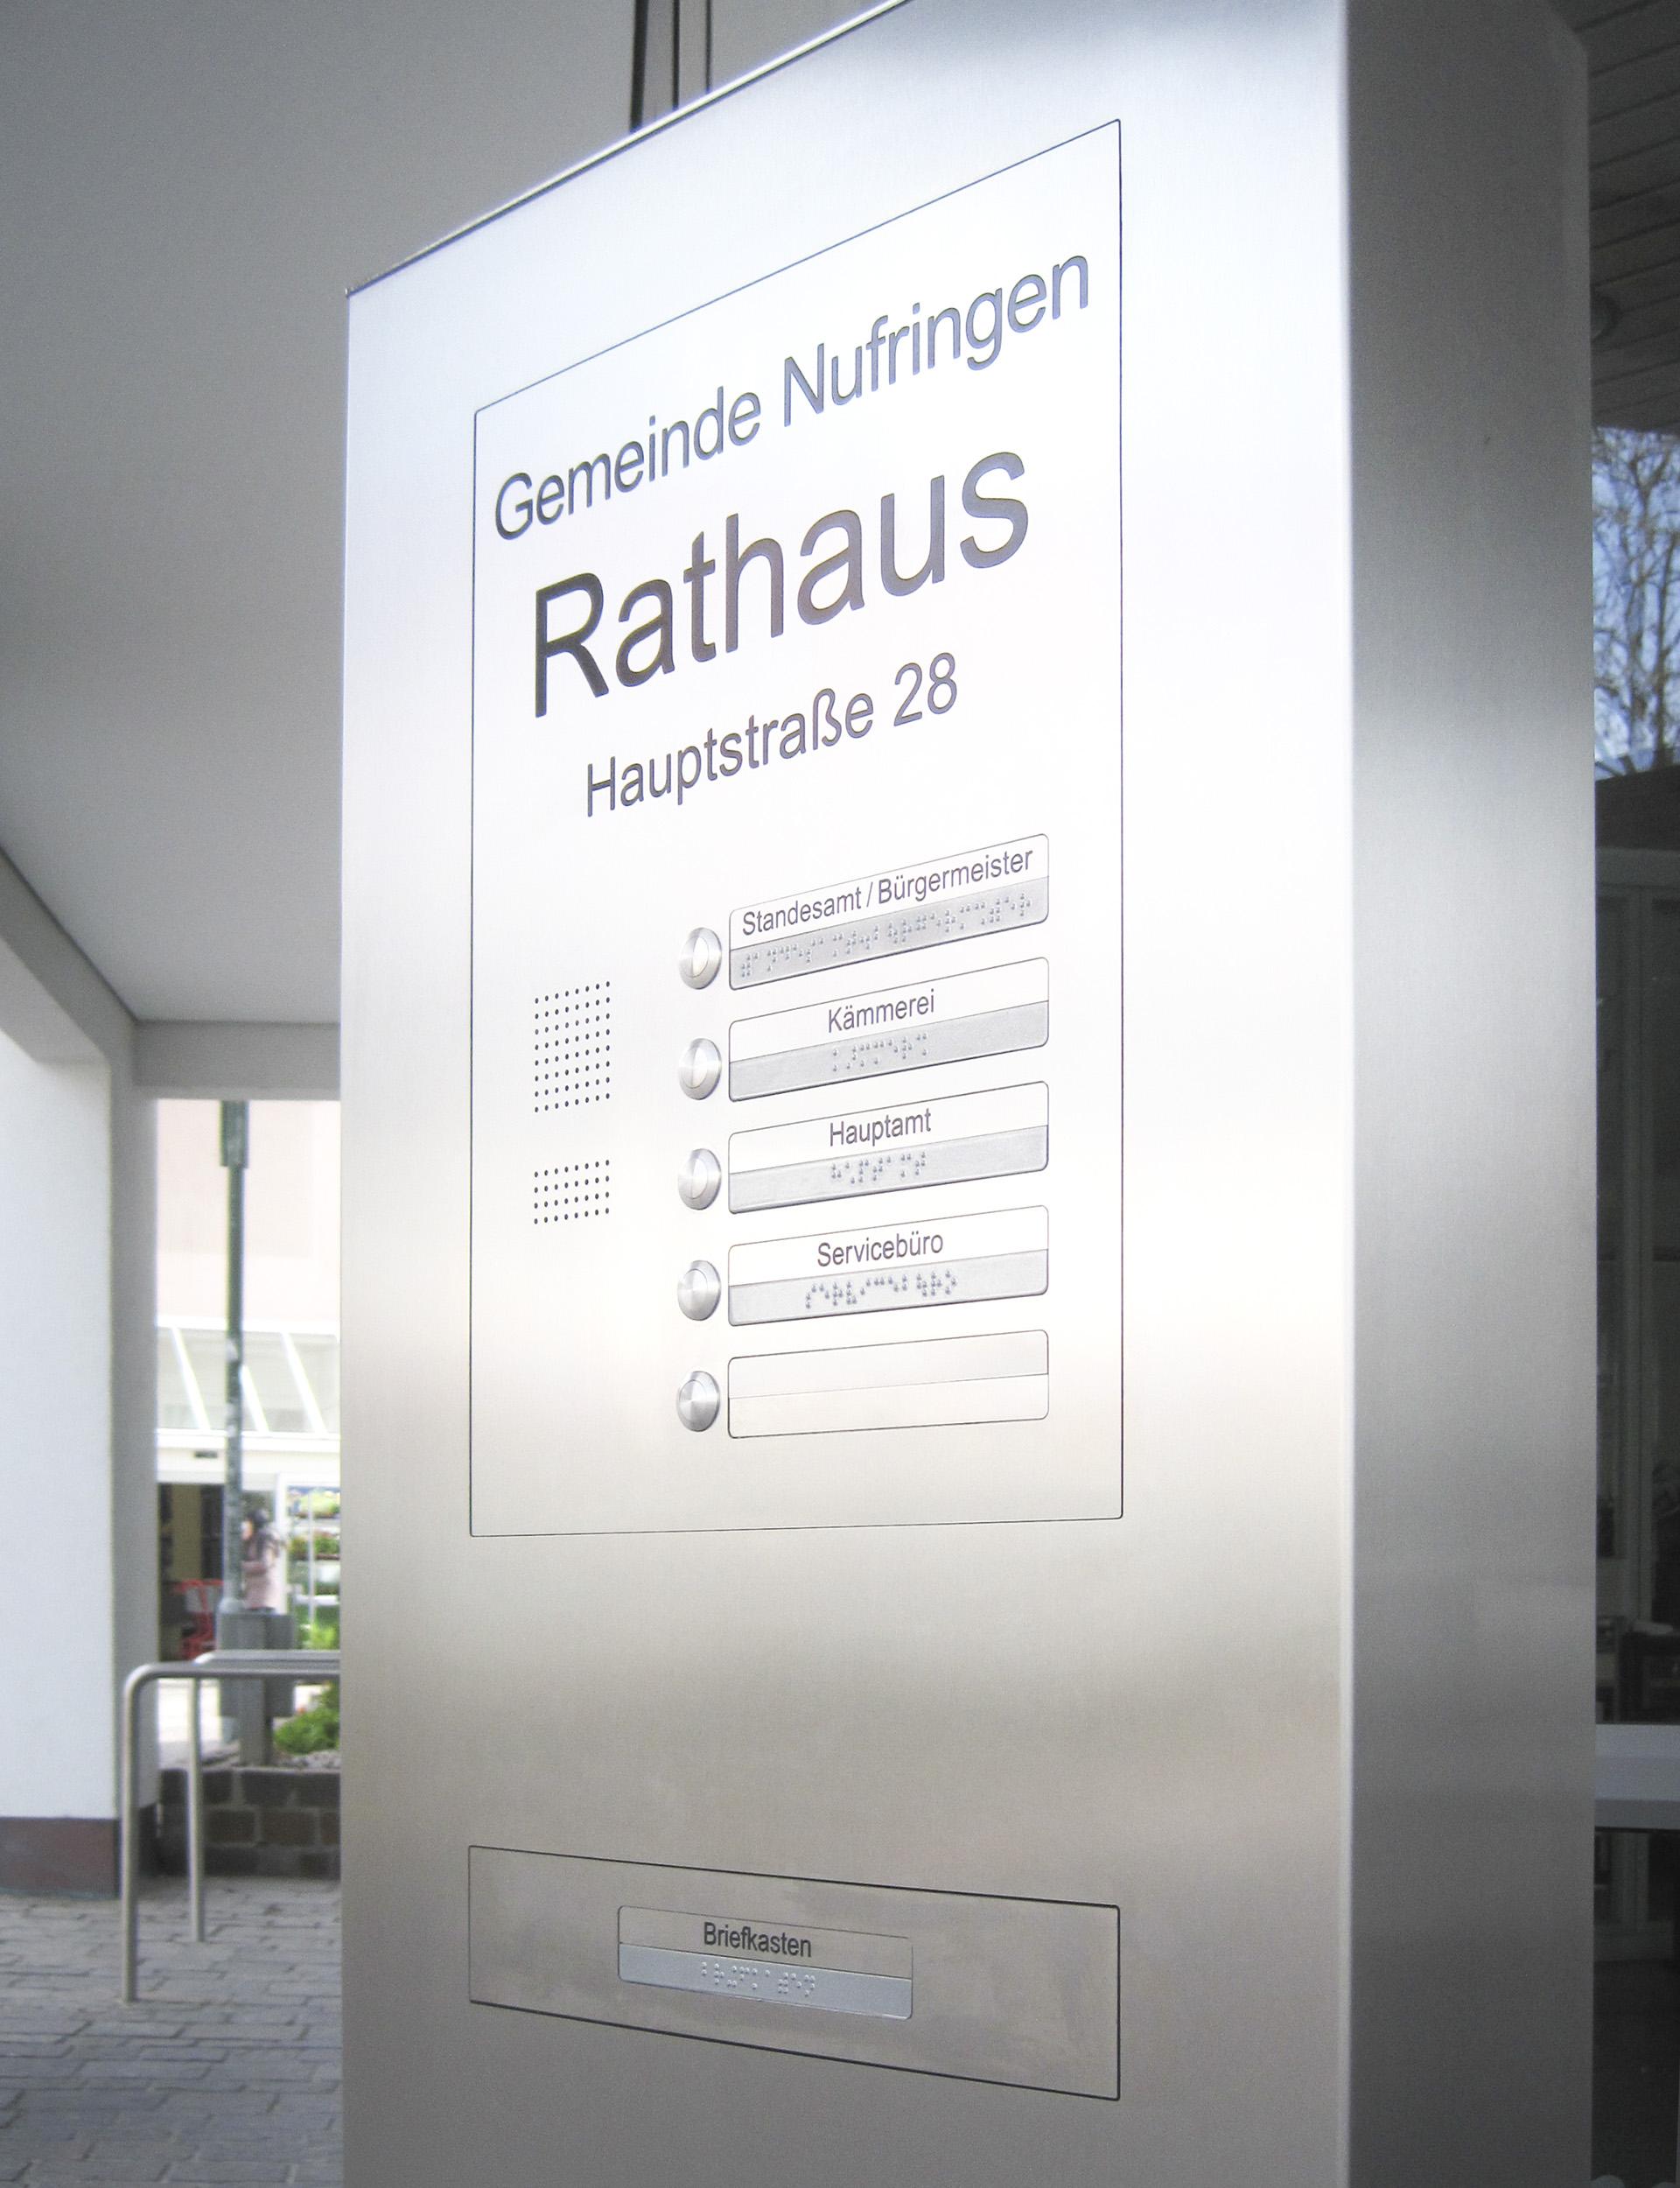 Rathaus, Hauptstraße 28, 71154 Nufringen